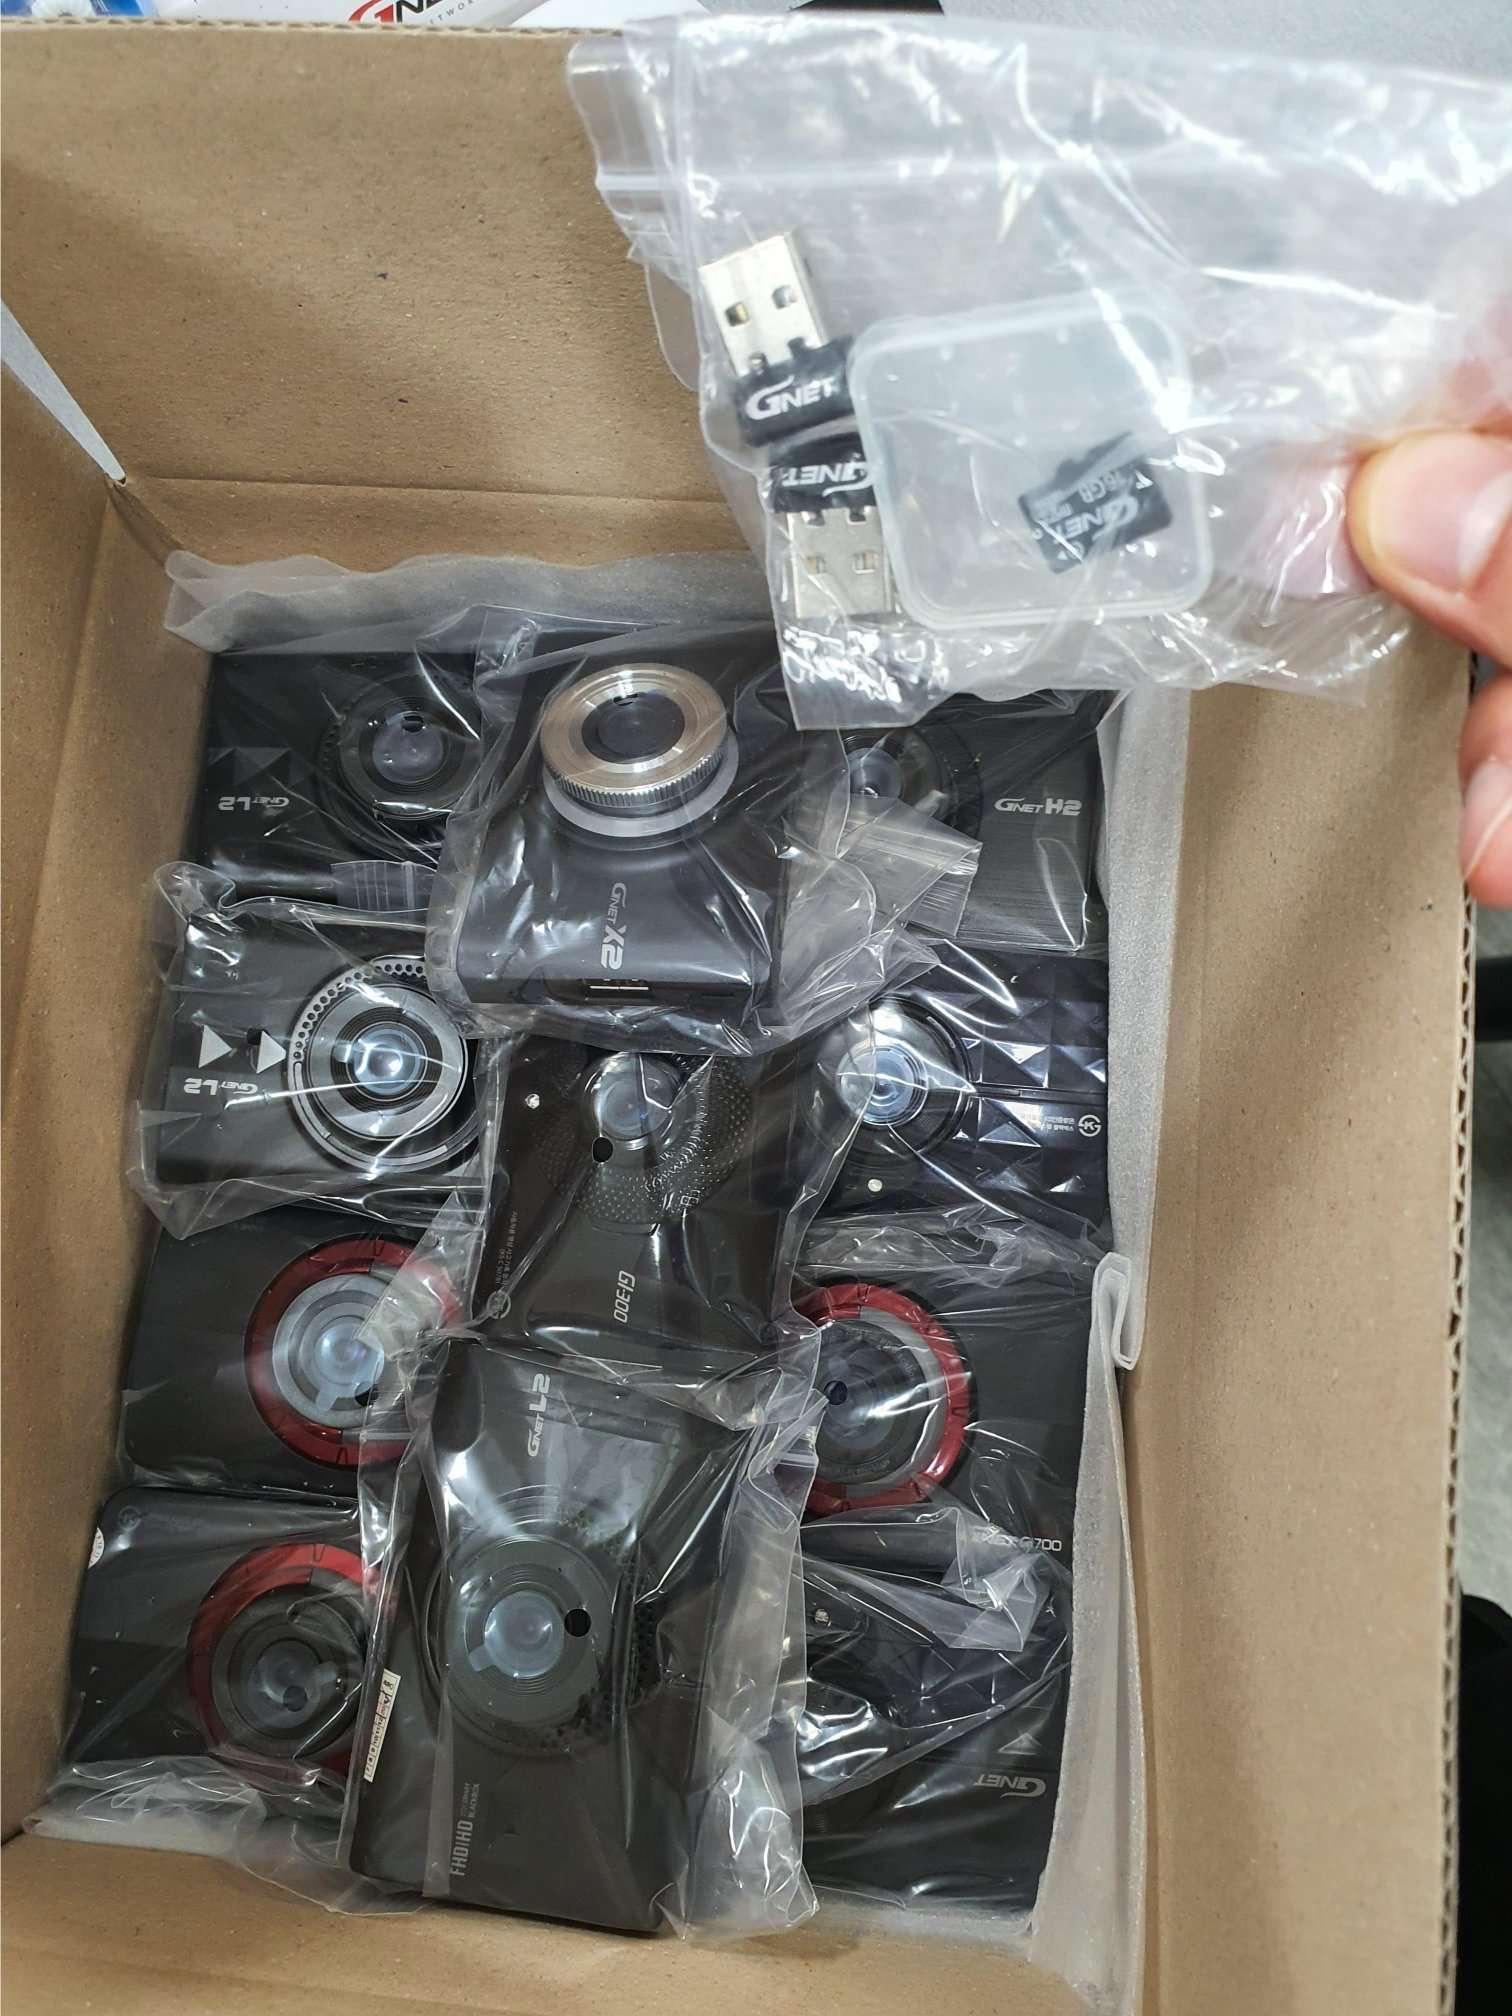 Dịch vụ chuyển phát nhanh hàng pin từ Mỹ về Việt Nam an toàn uy tín